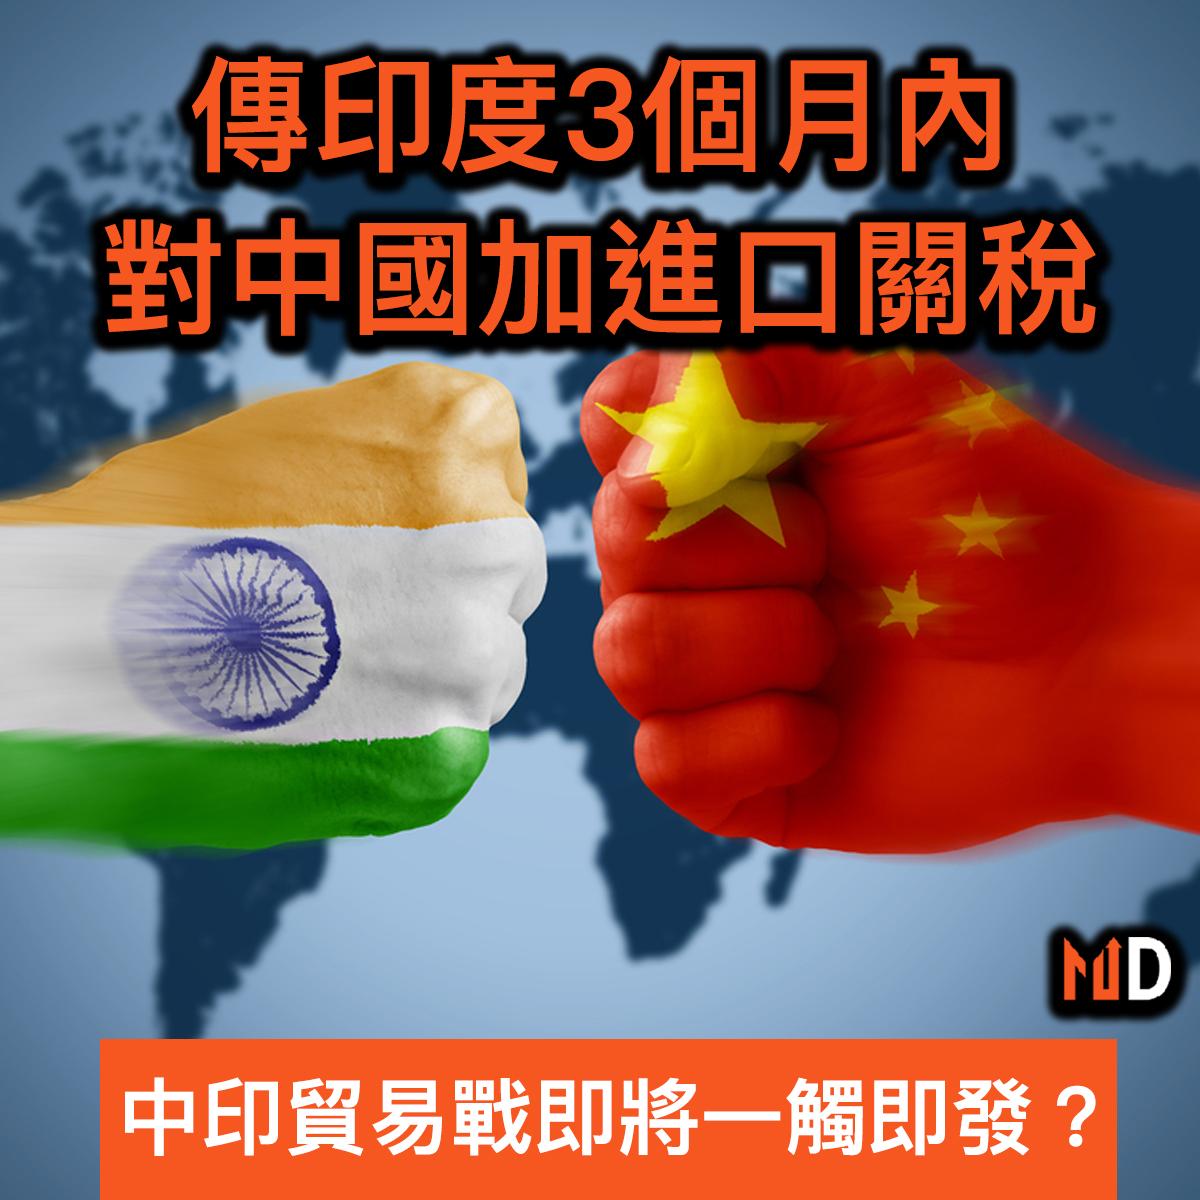 【市場熱話】傳印度3個月內對中國加進口關稅